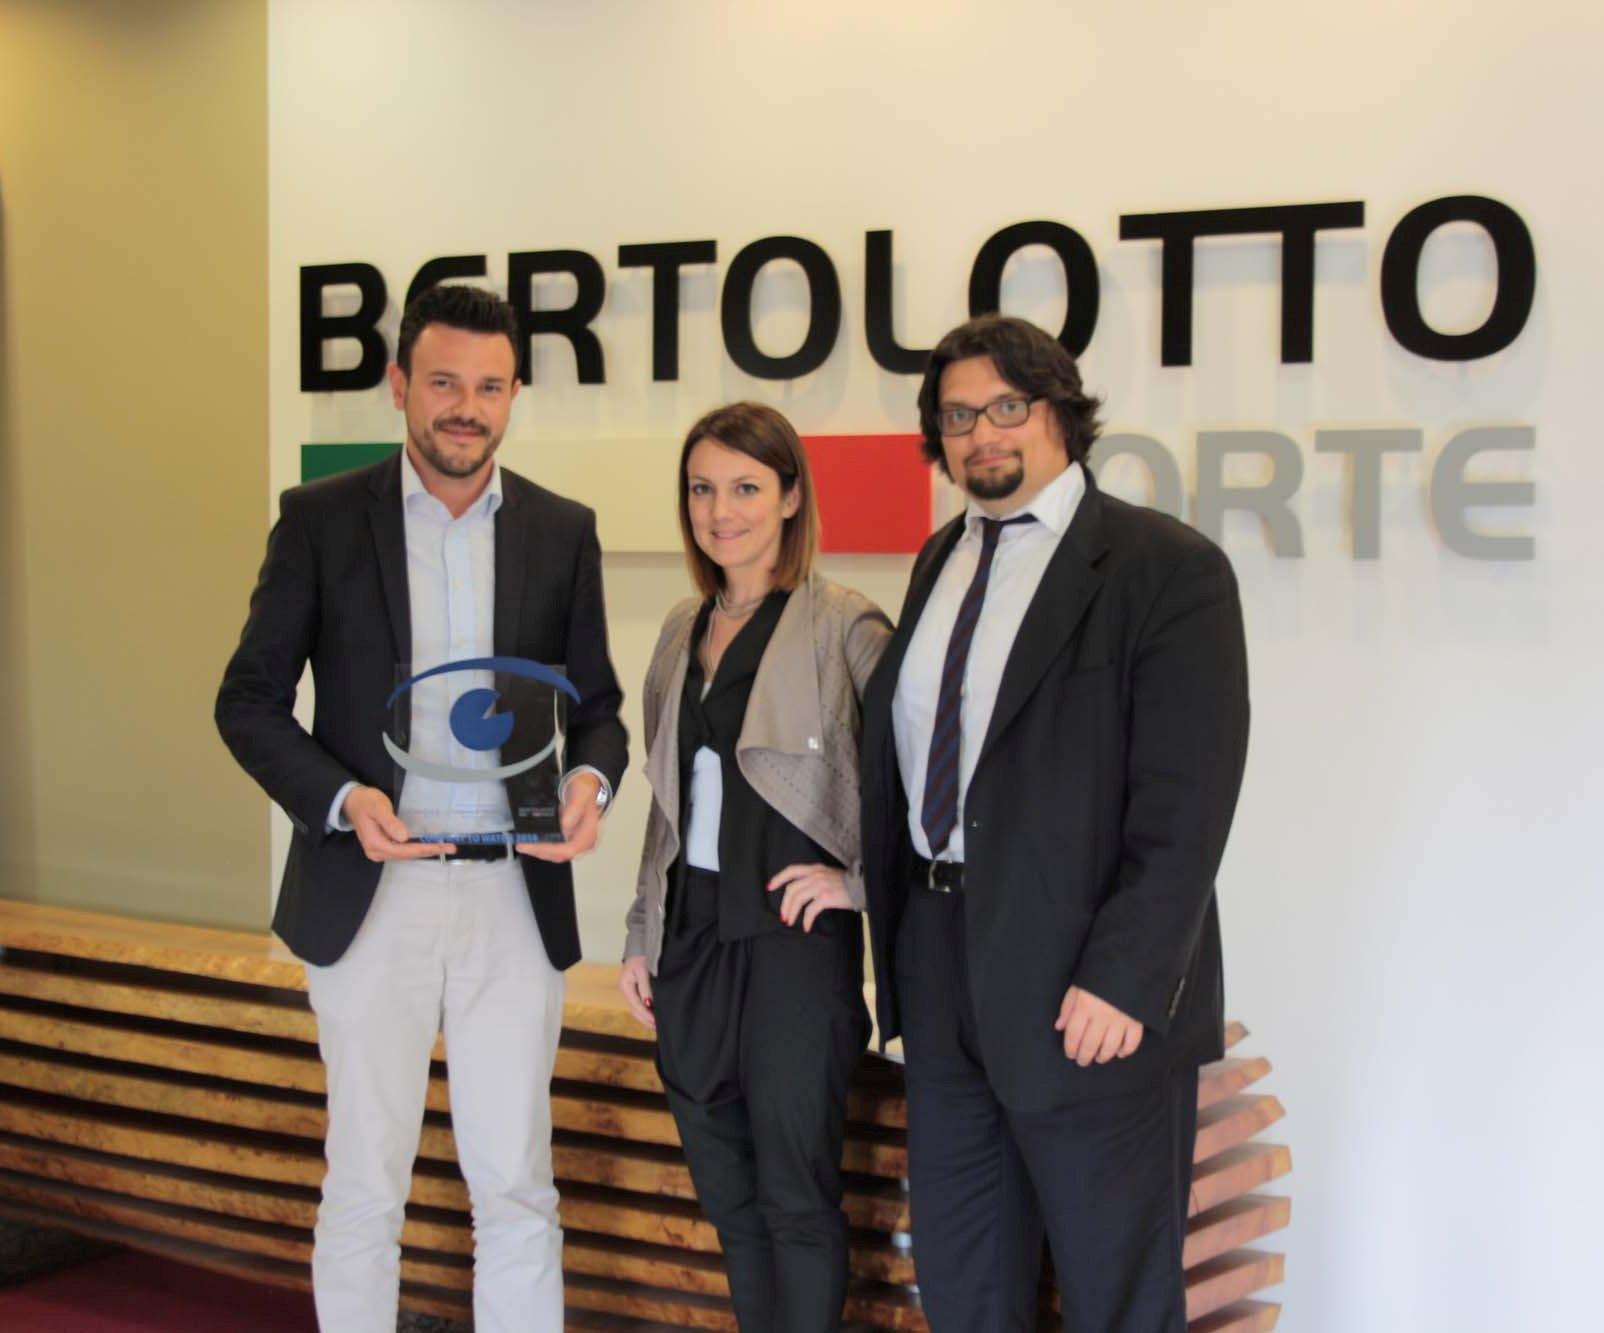 Bertolotto porte da premiato a munifico sponsor bando for Bertolotto porte